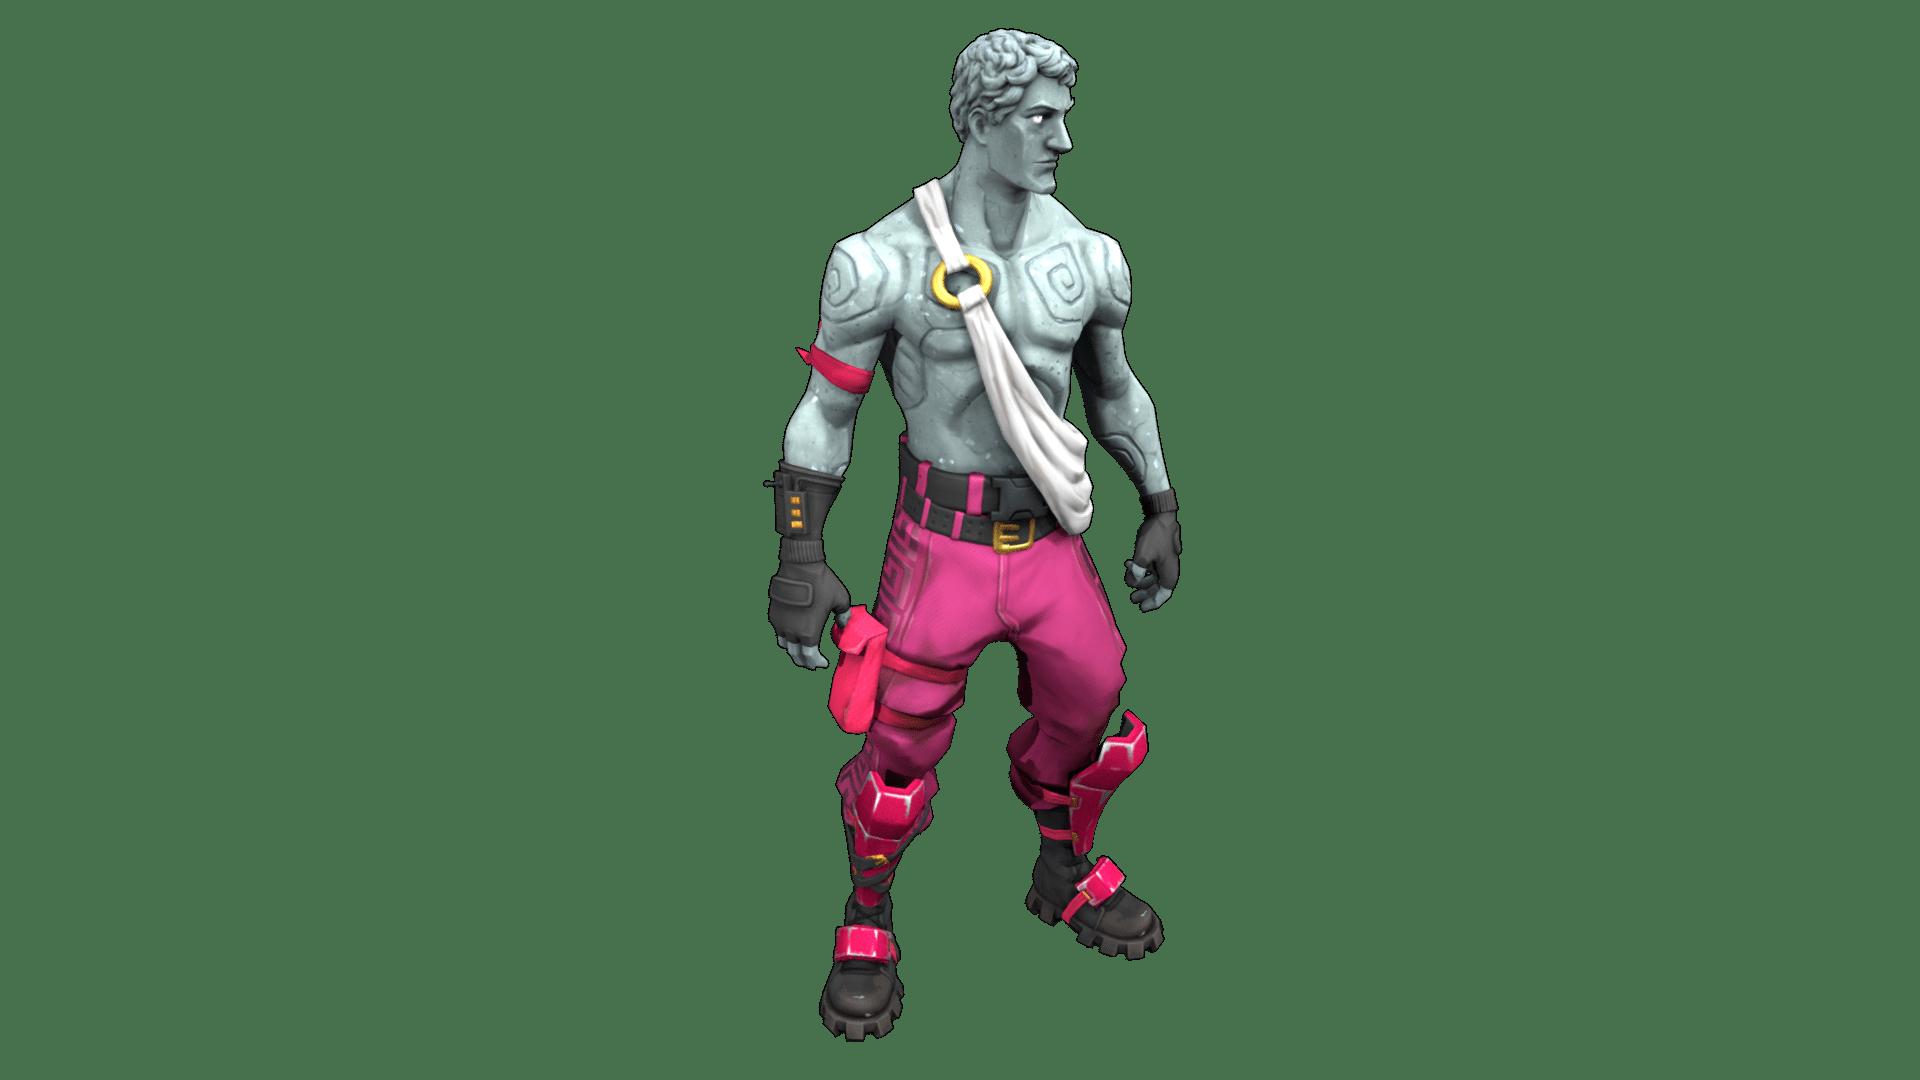 Fortnite Love Ranger Skin Legendary Outfit   Fortnite Skins 1920x1080